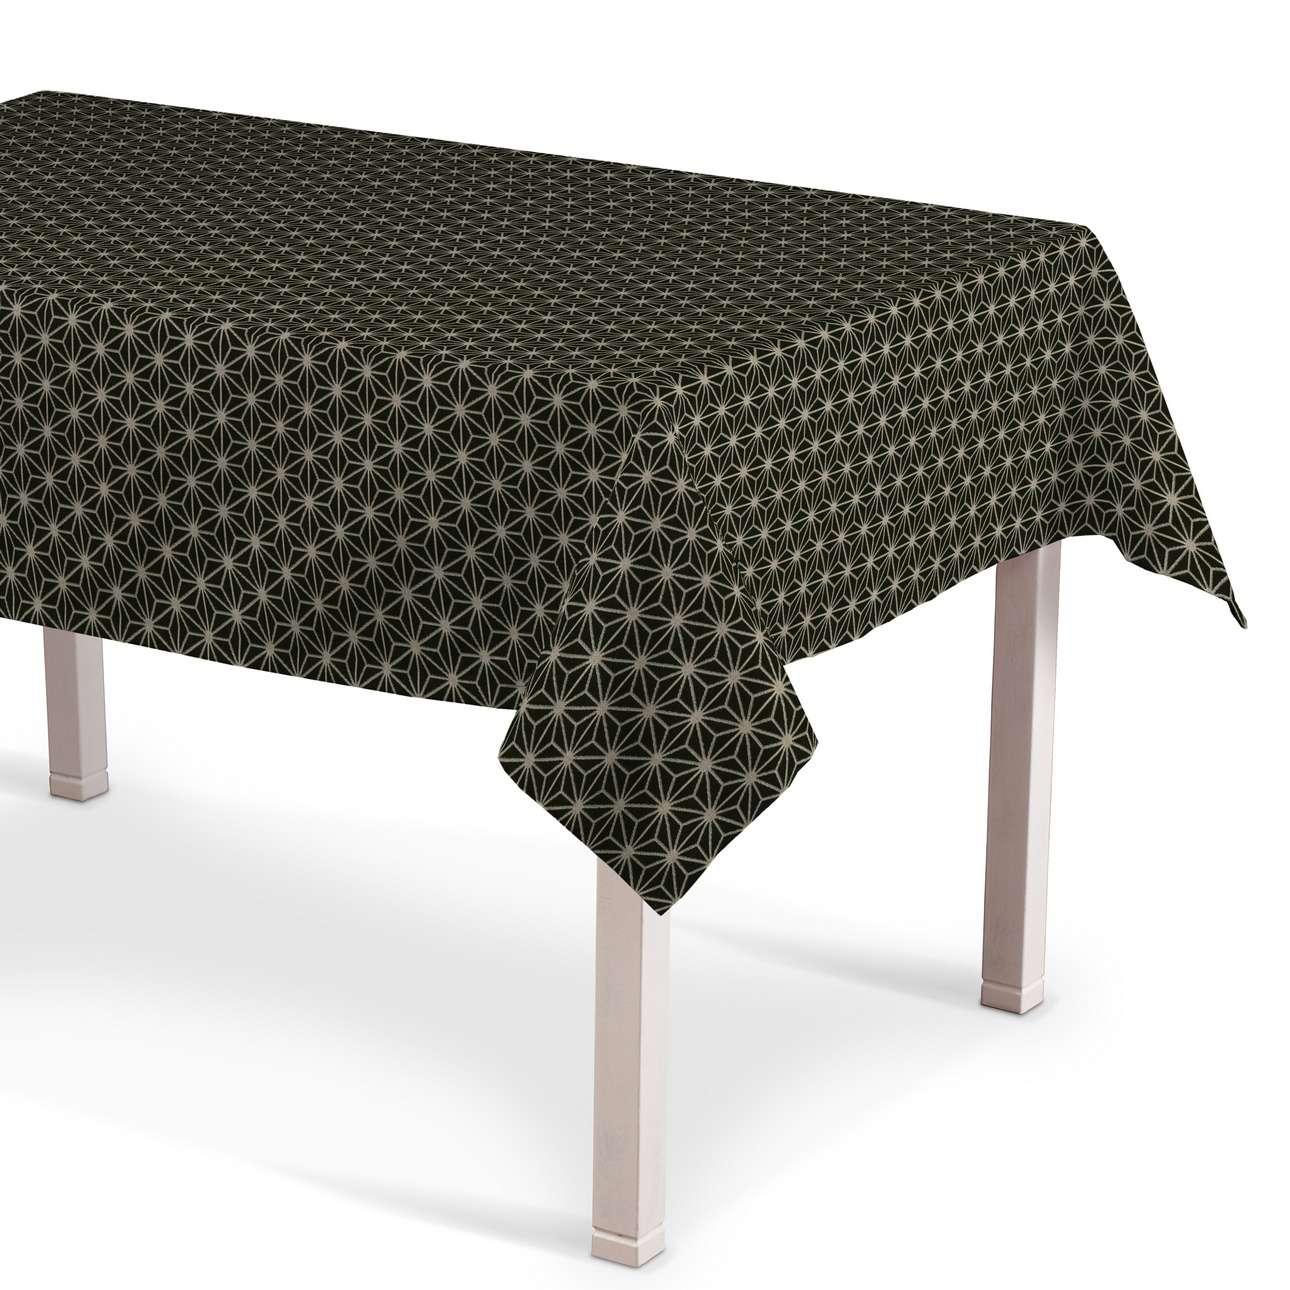 Staltiesės (stalui su kampais) kolekcijoje Black & White, audinys: 142-56